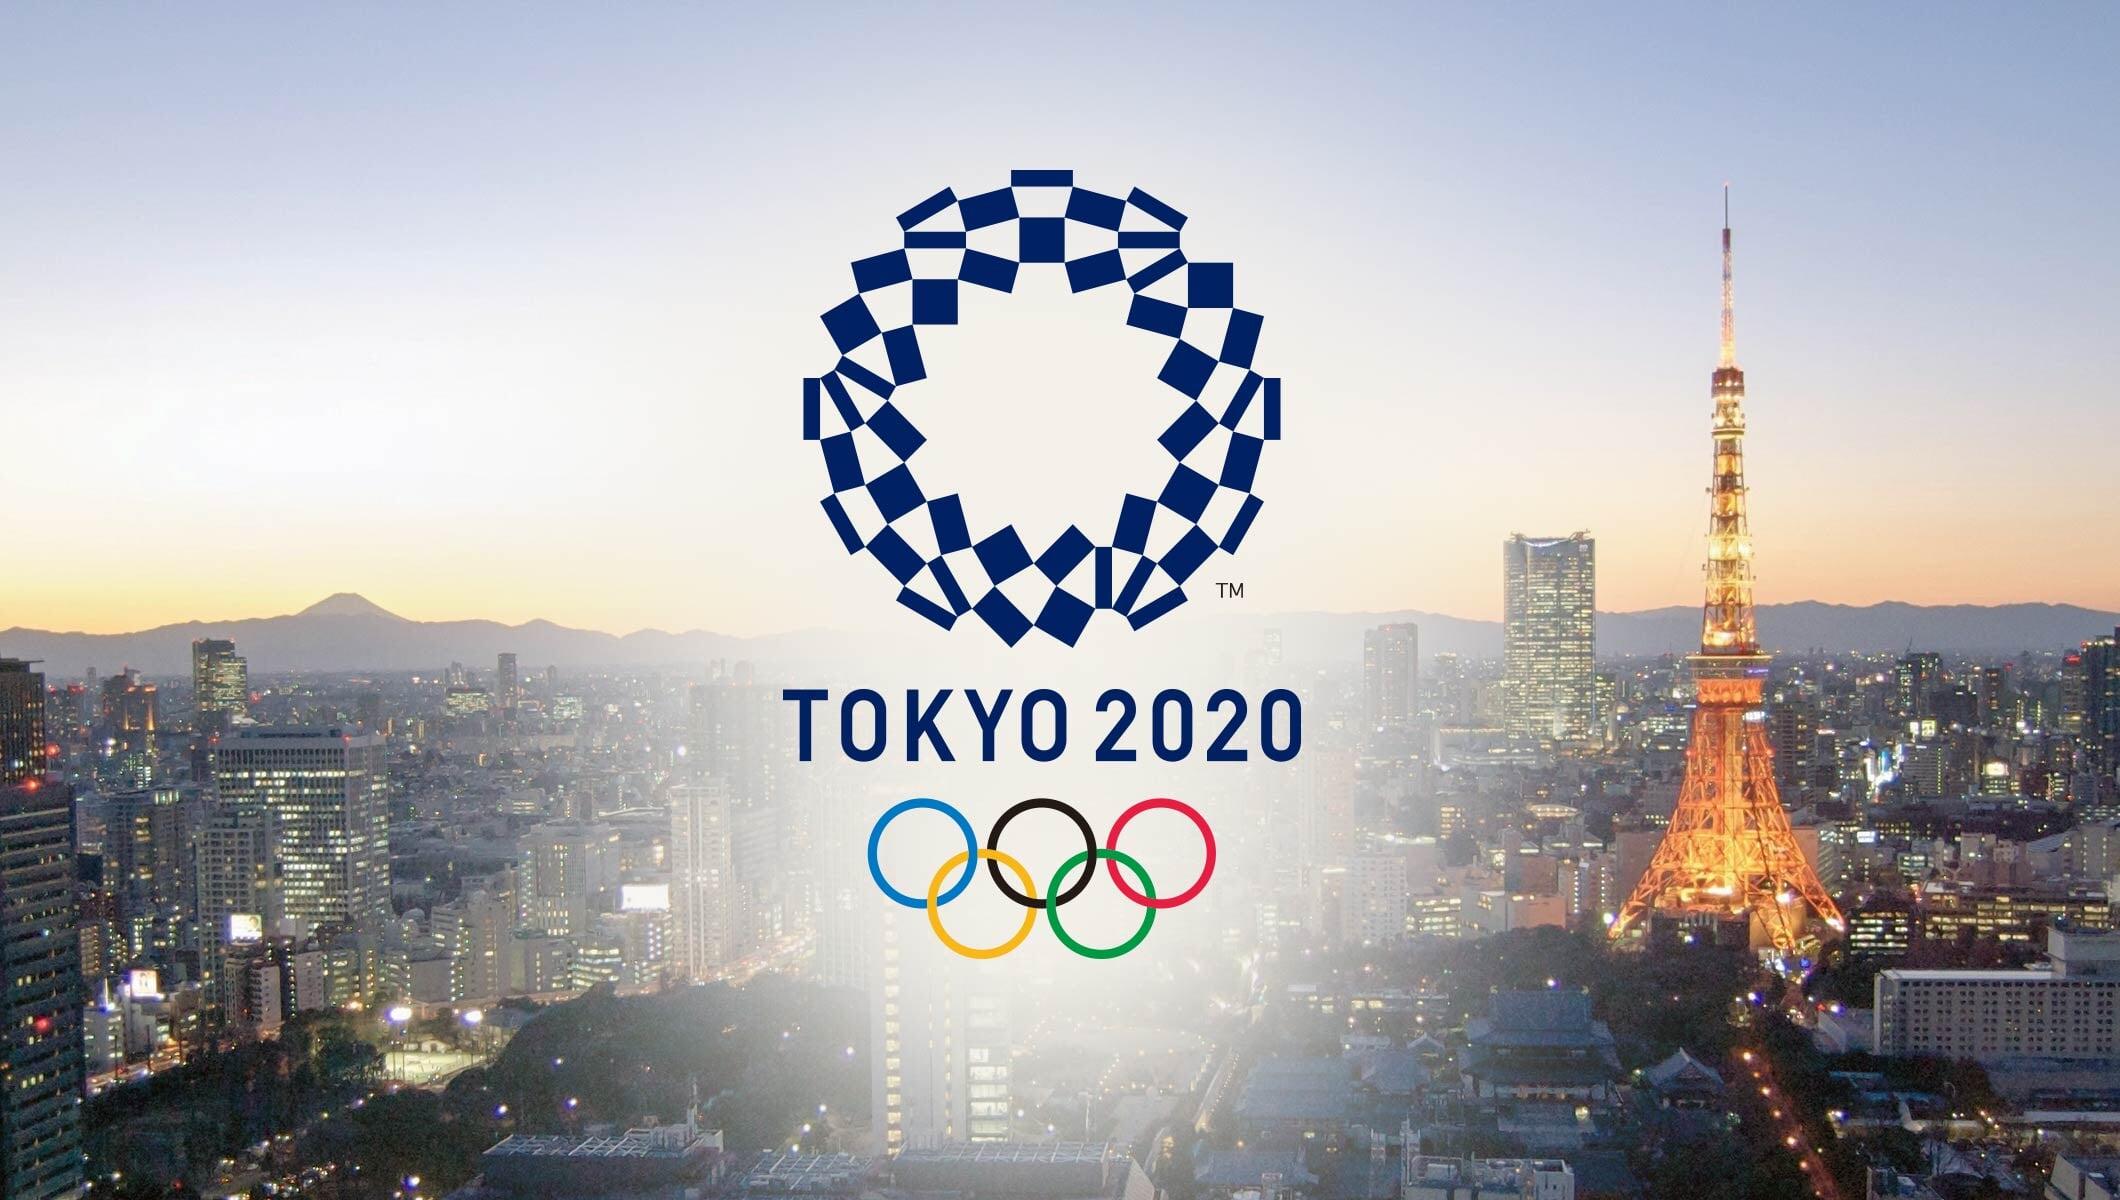 23 июля пройдет церемония открытия Олимпийских игр-2020: начало – 14:00 по московскому времени